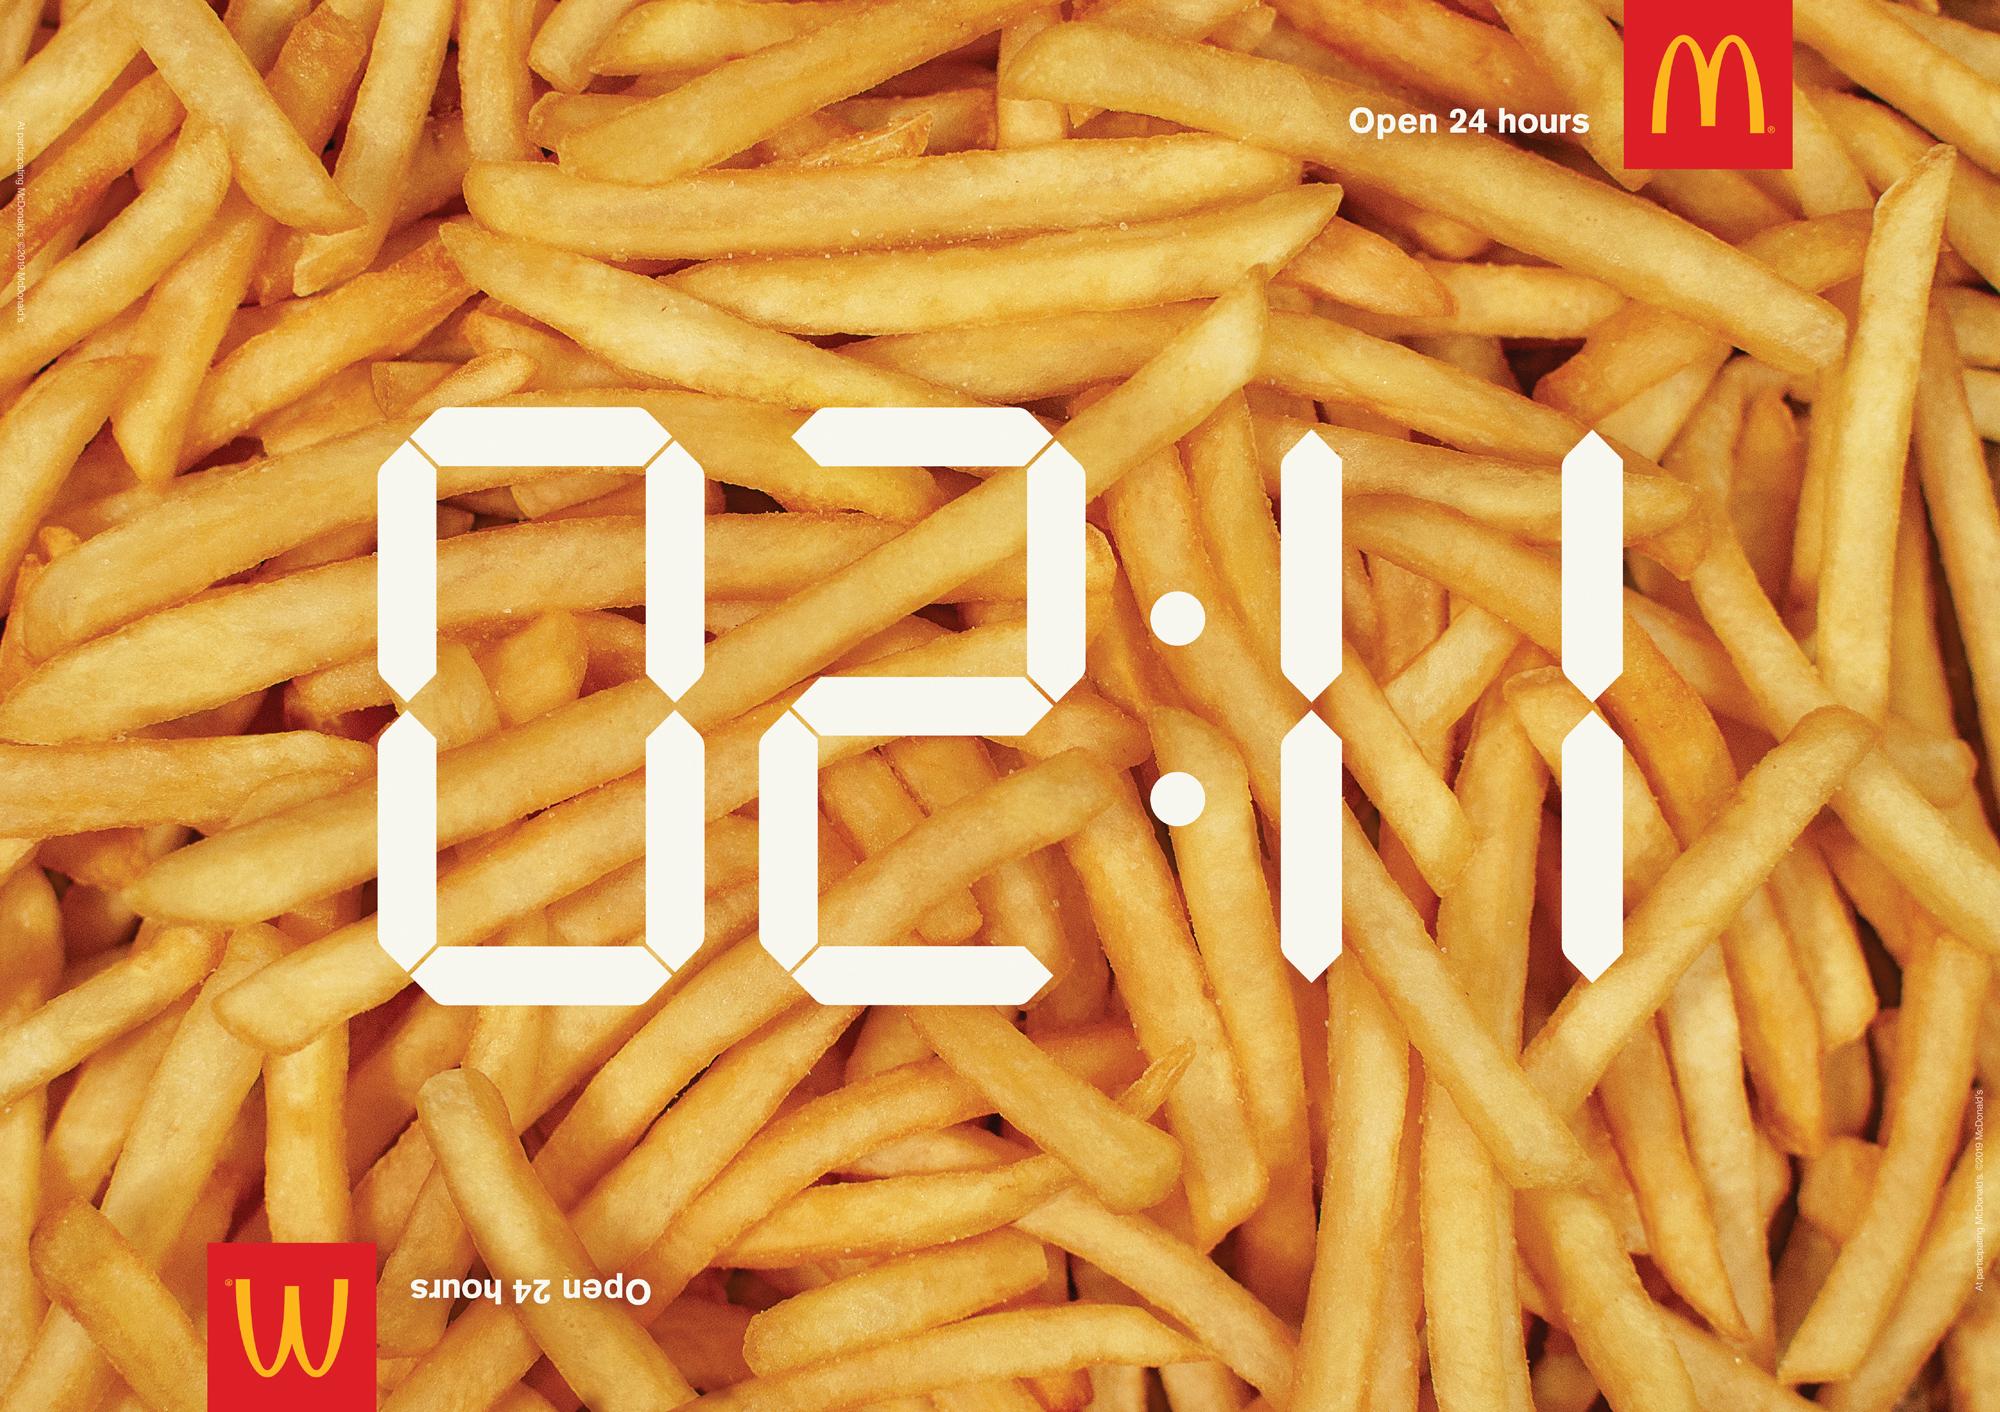 24HoursOpen_McFries